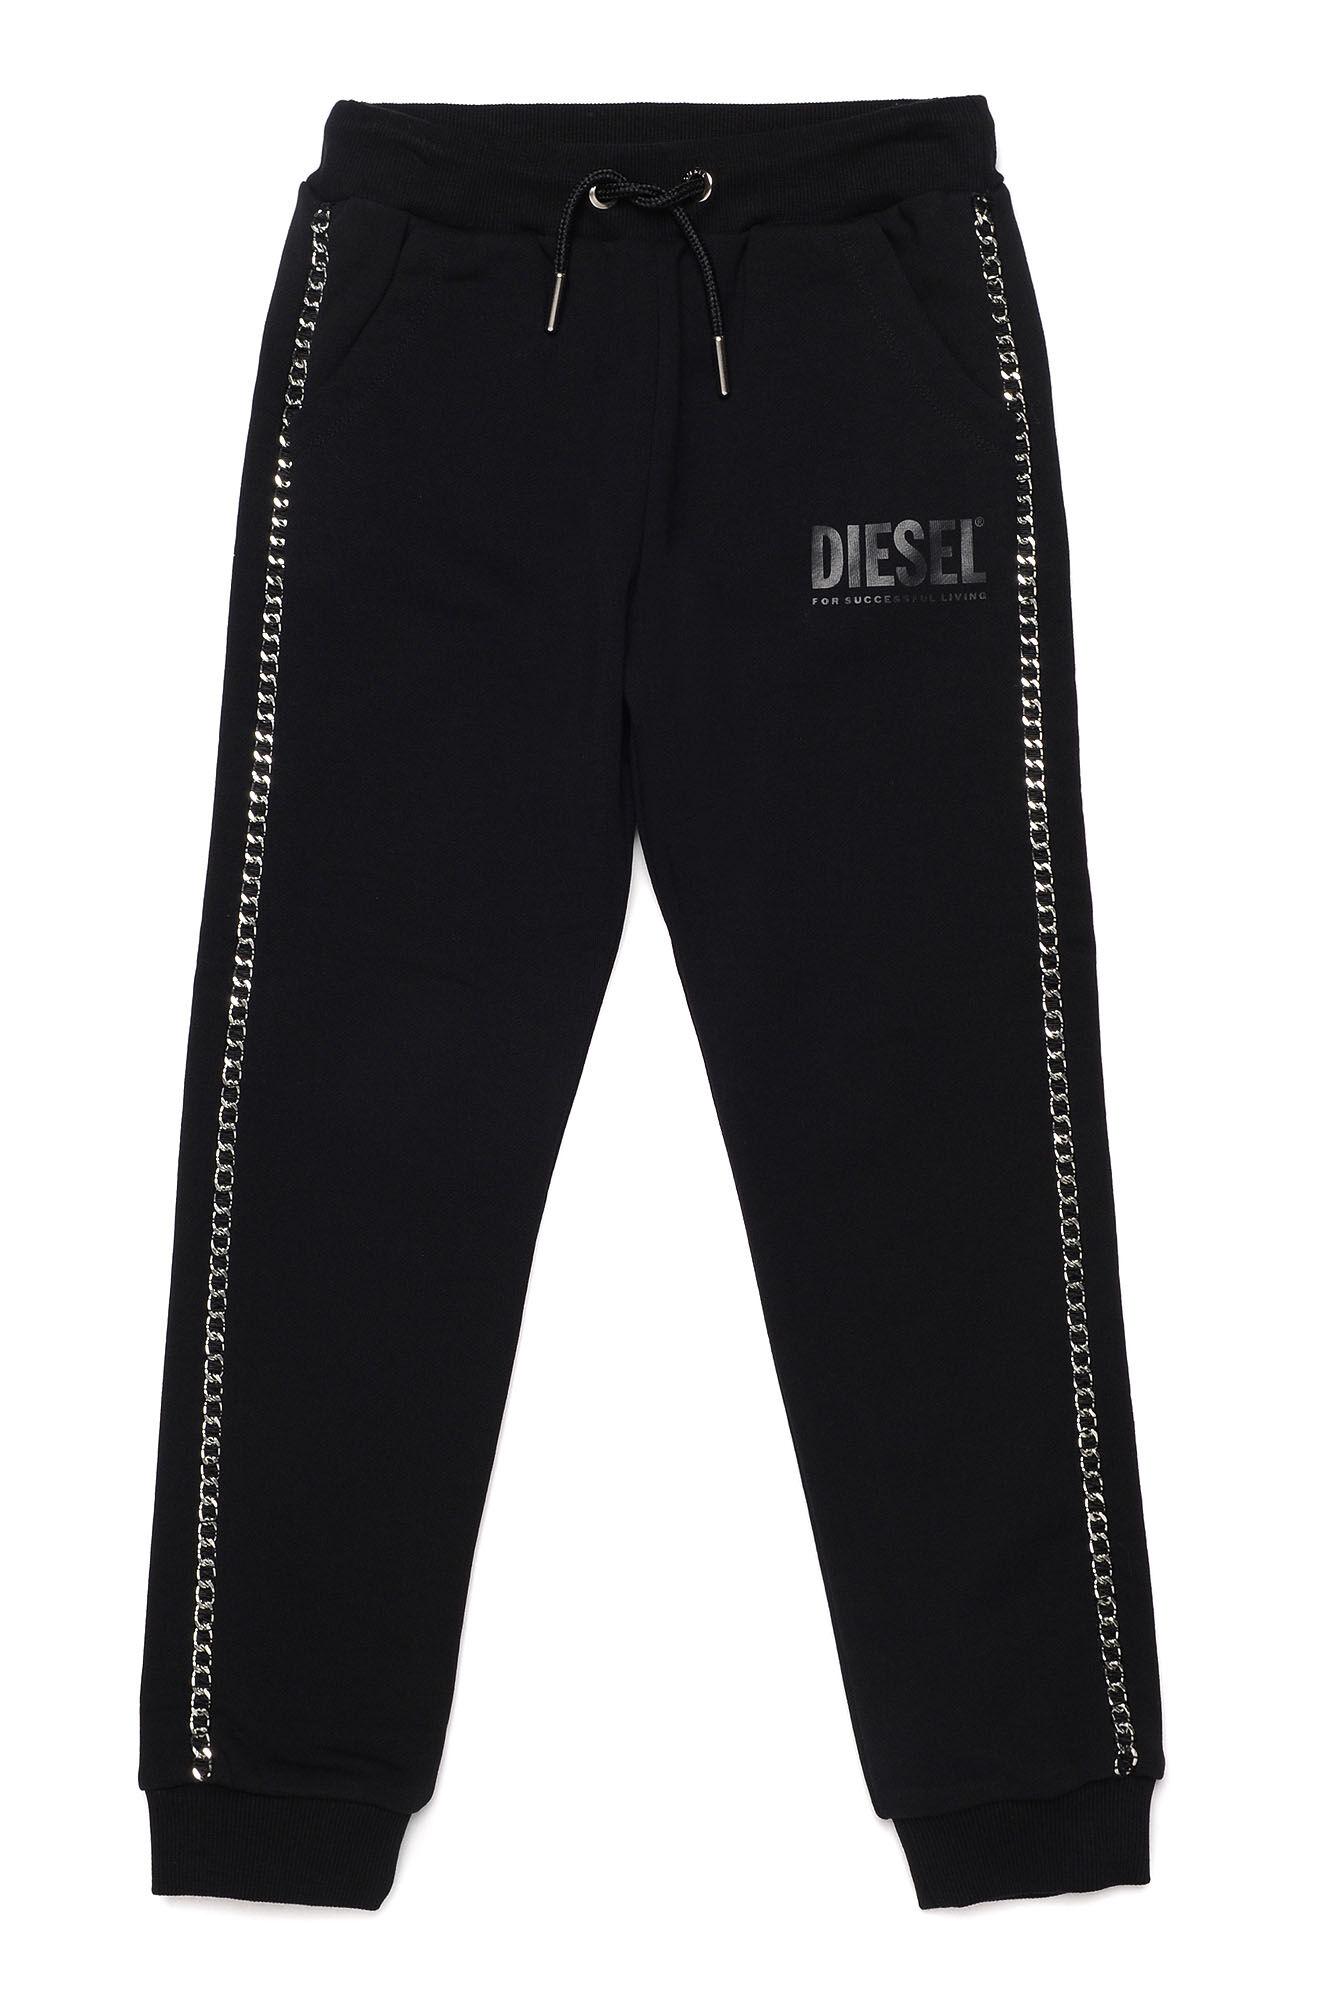 Pelina Pants - Diesel Kid